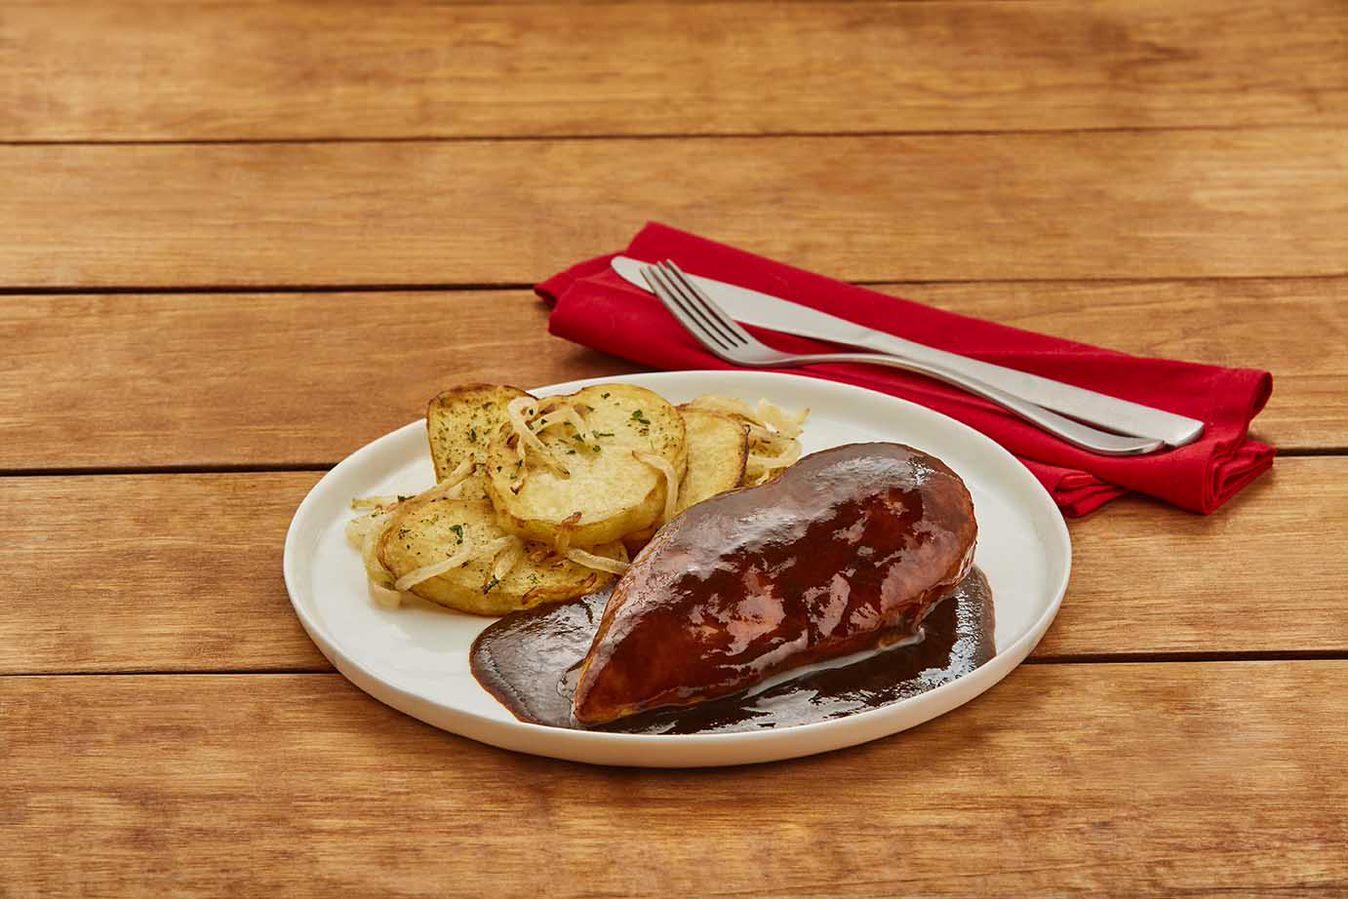 Pechuga de pollo en salsa de tamarindo